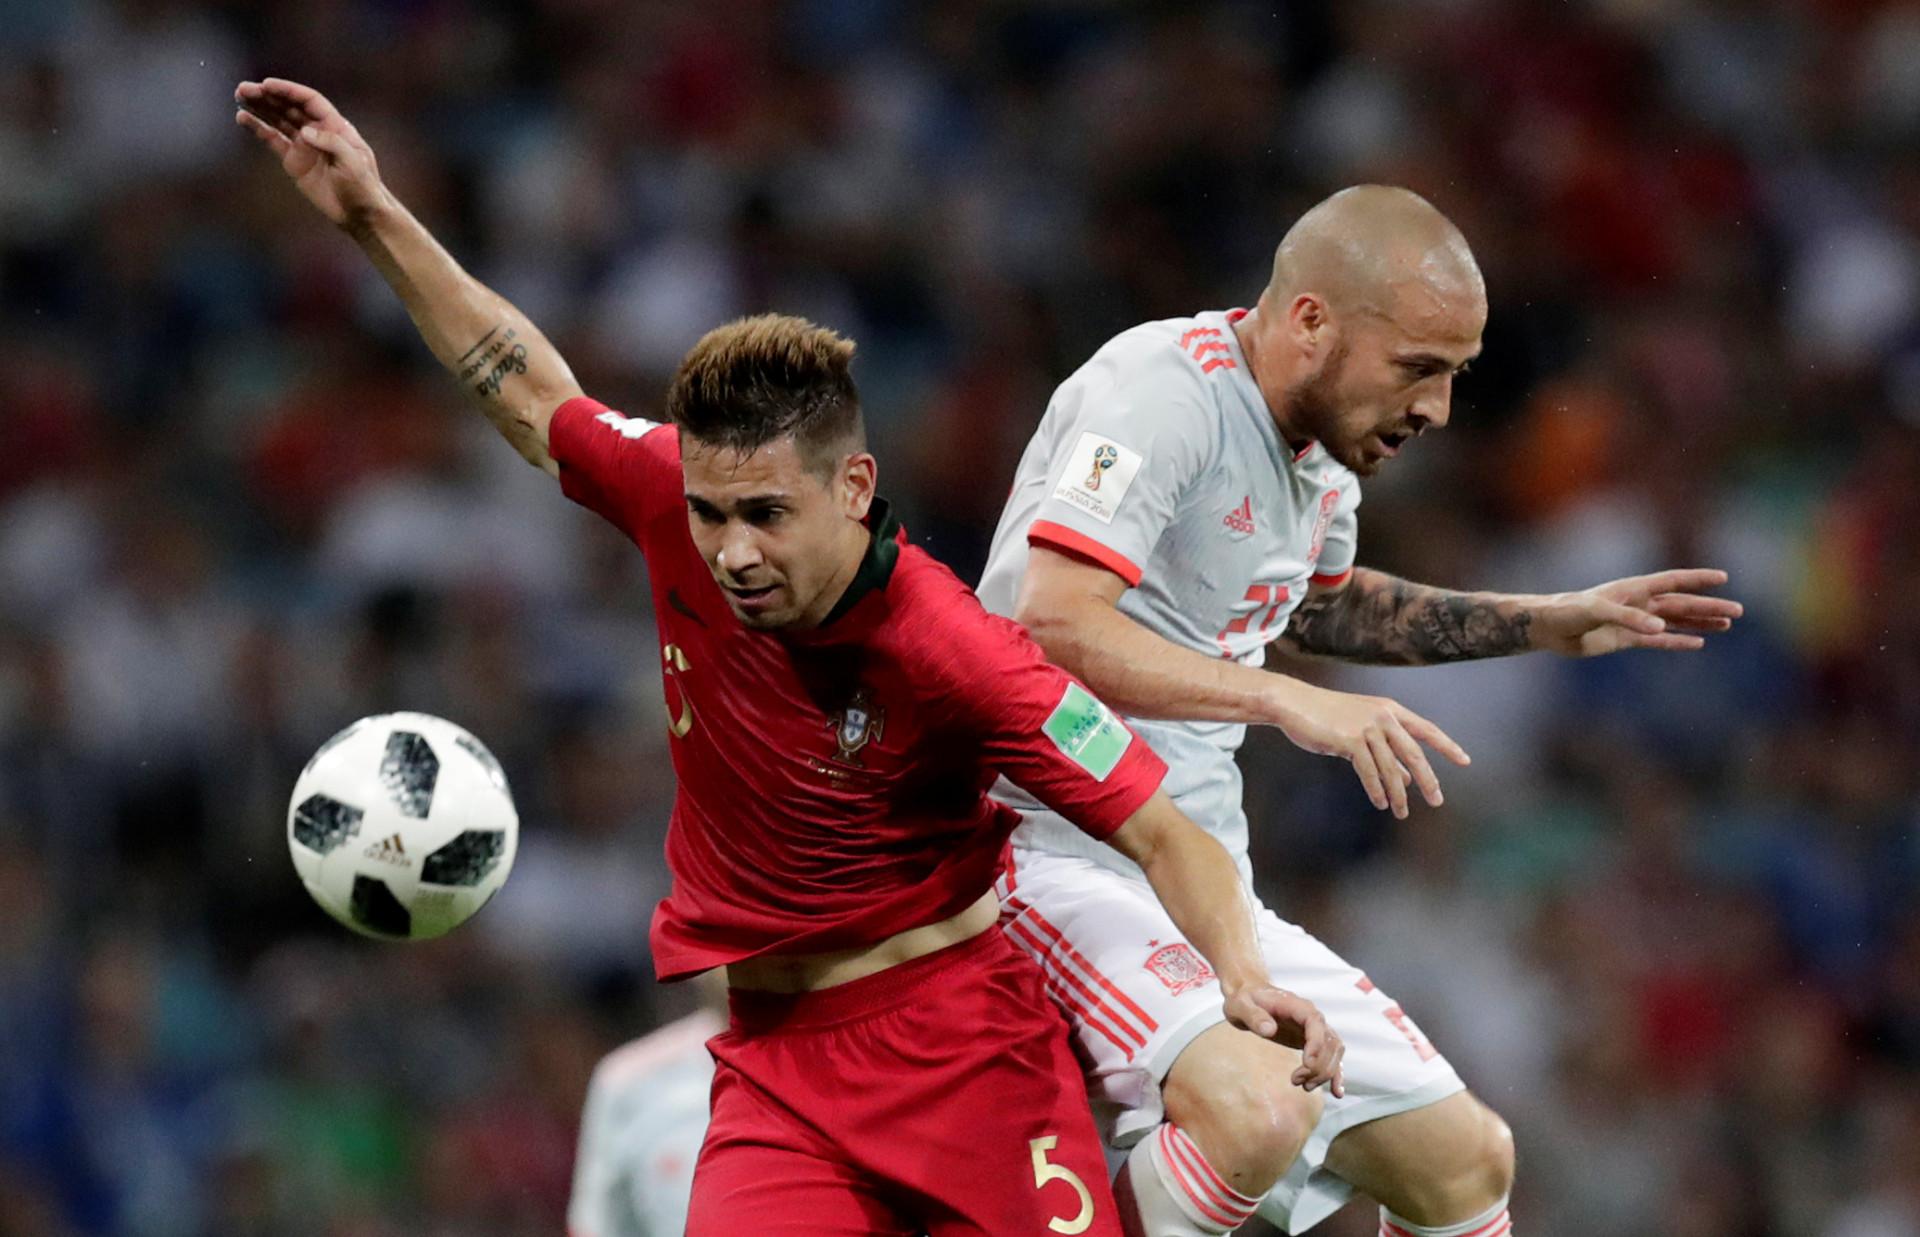 Mundial'2018: O melhor 11 do torneio e as maiores desilusões